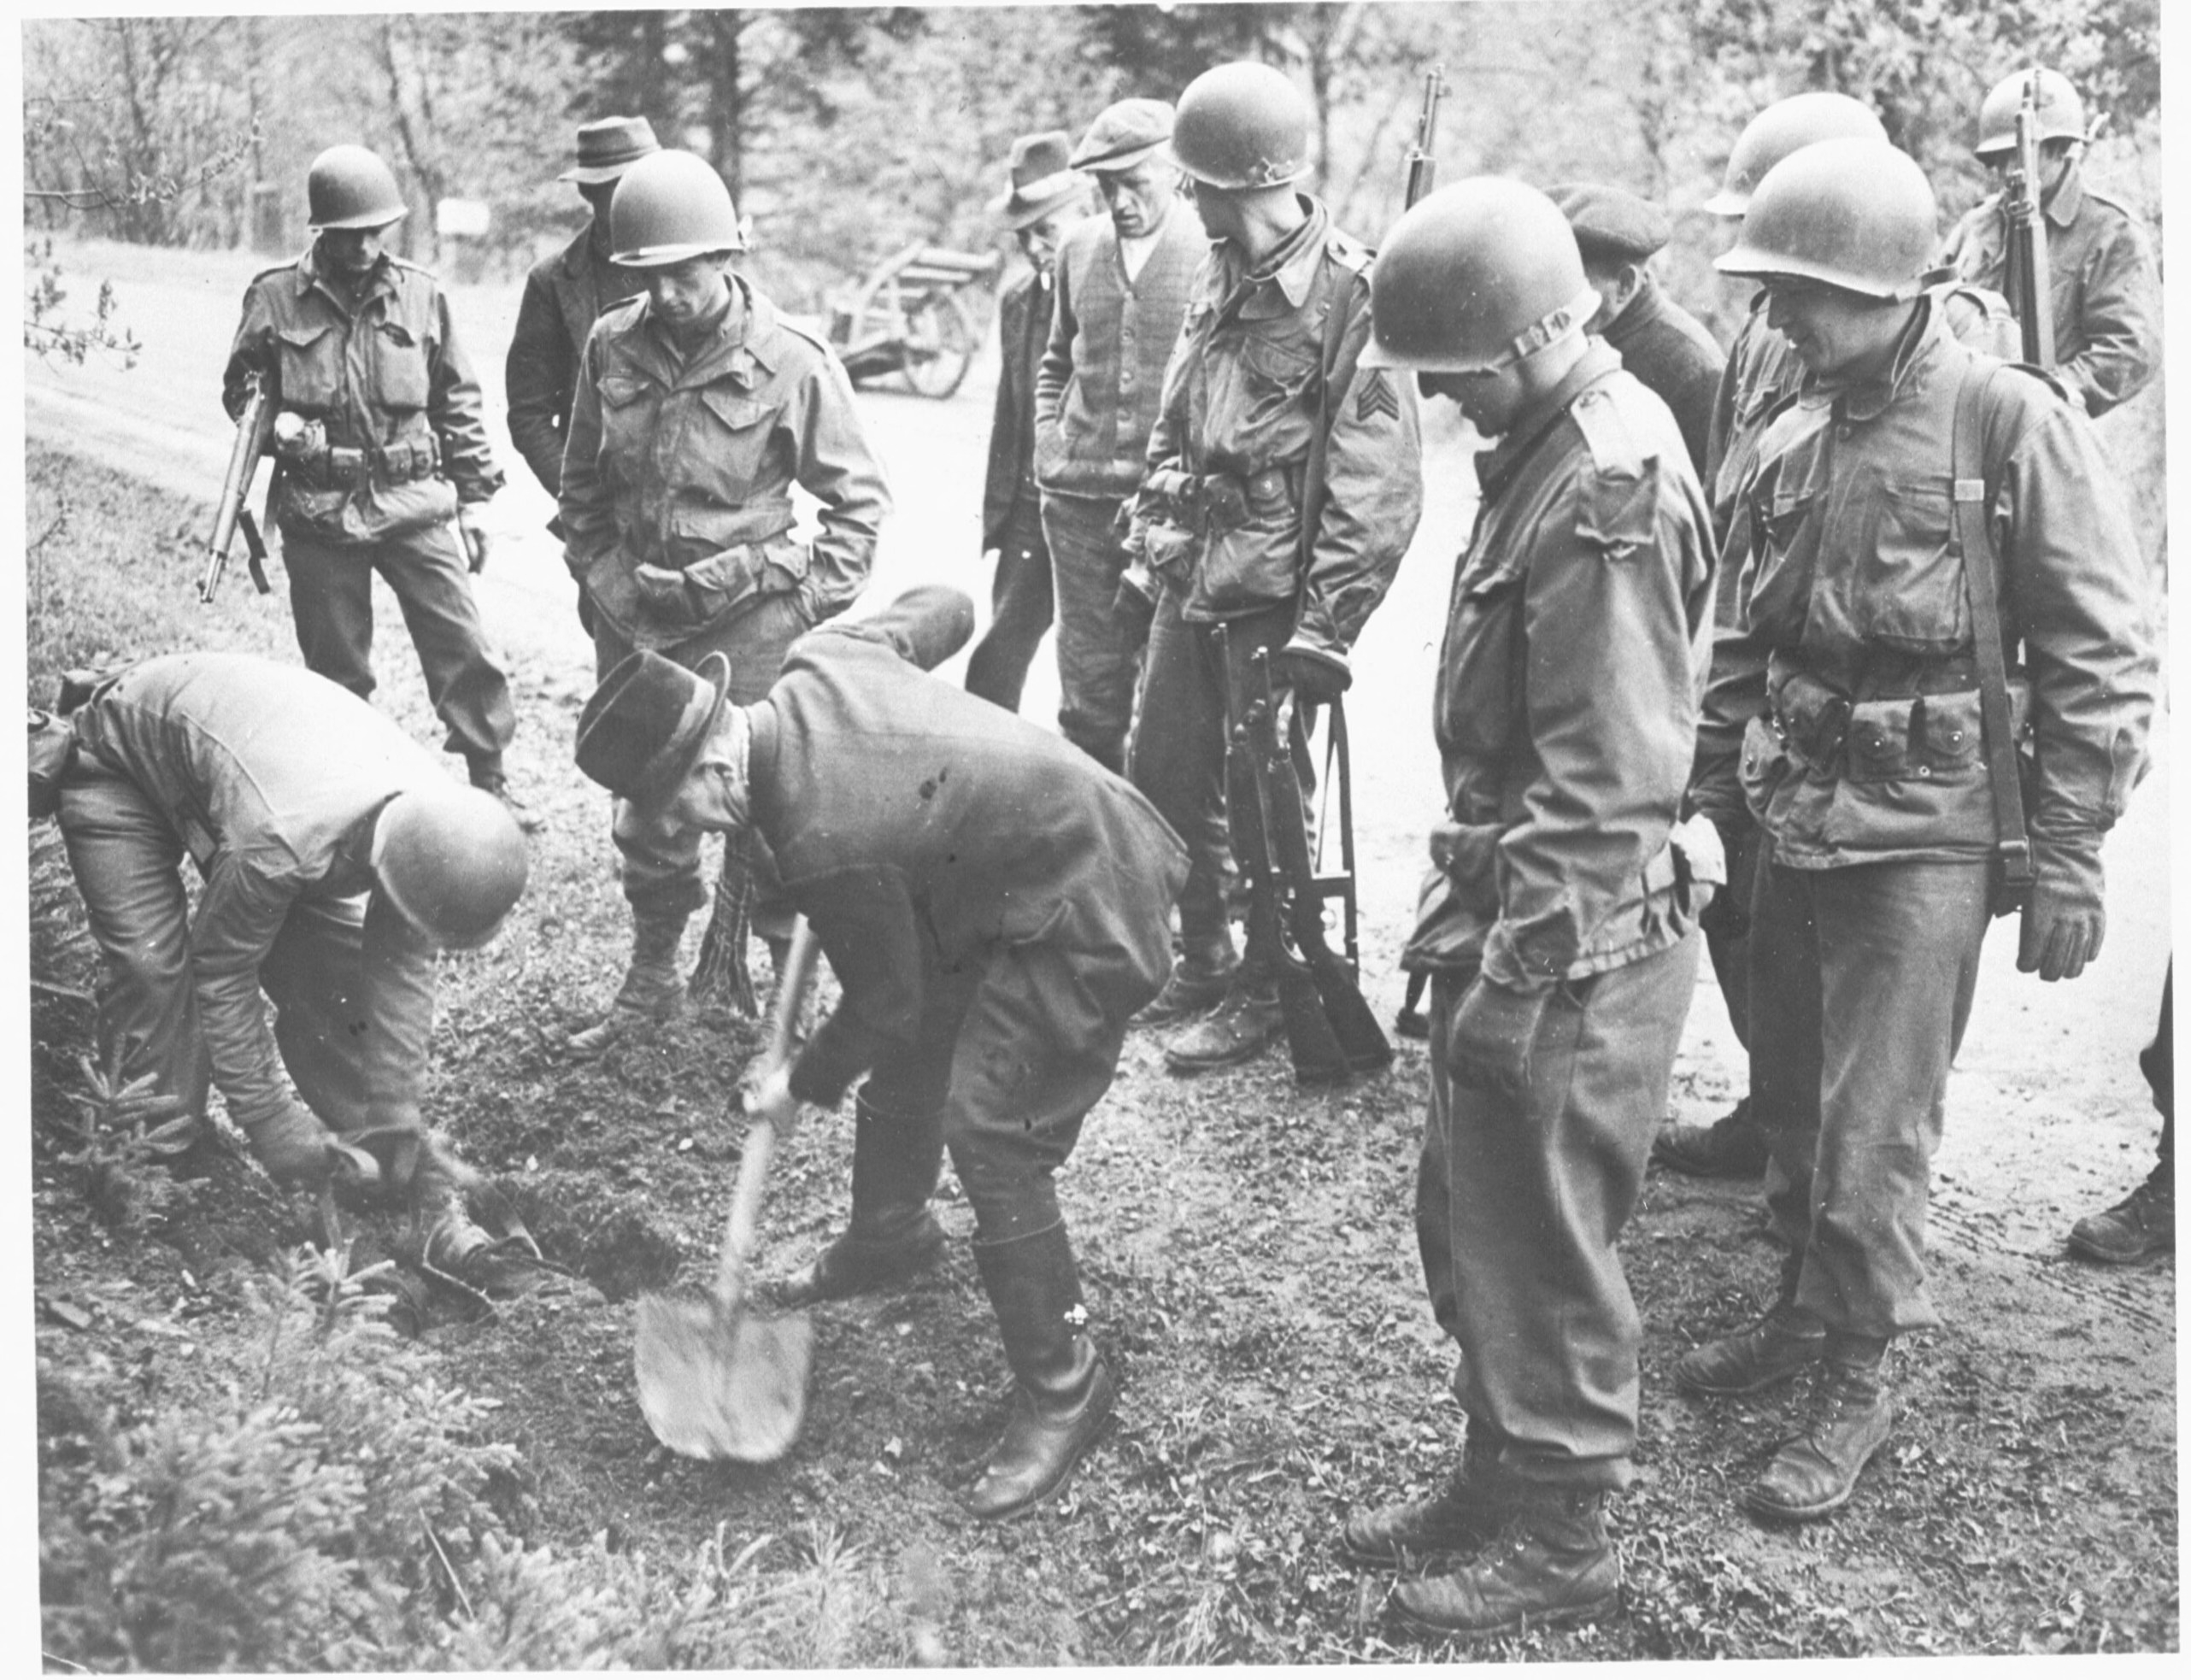 Amerikaanse militairen dwingen Duitse burgers om slachtoffers van een dodenmars op te graven bij Kamp Flossenbürg